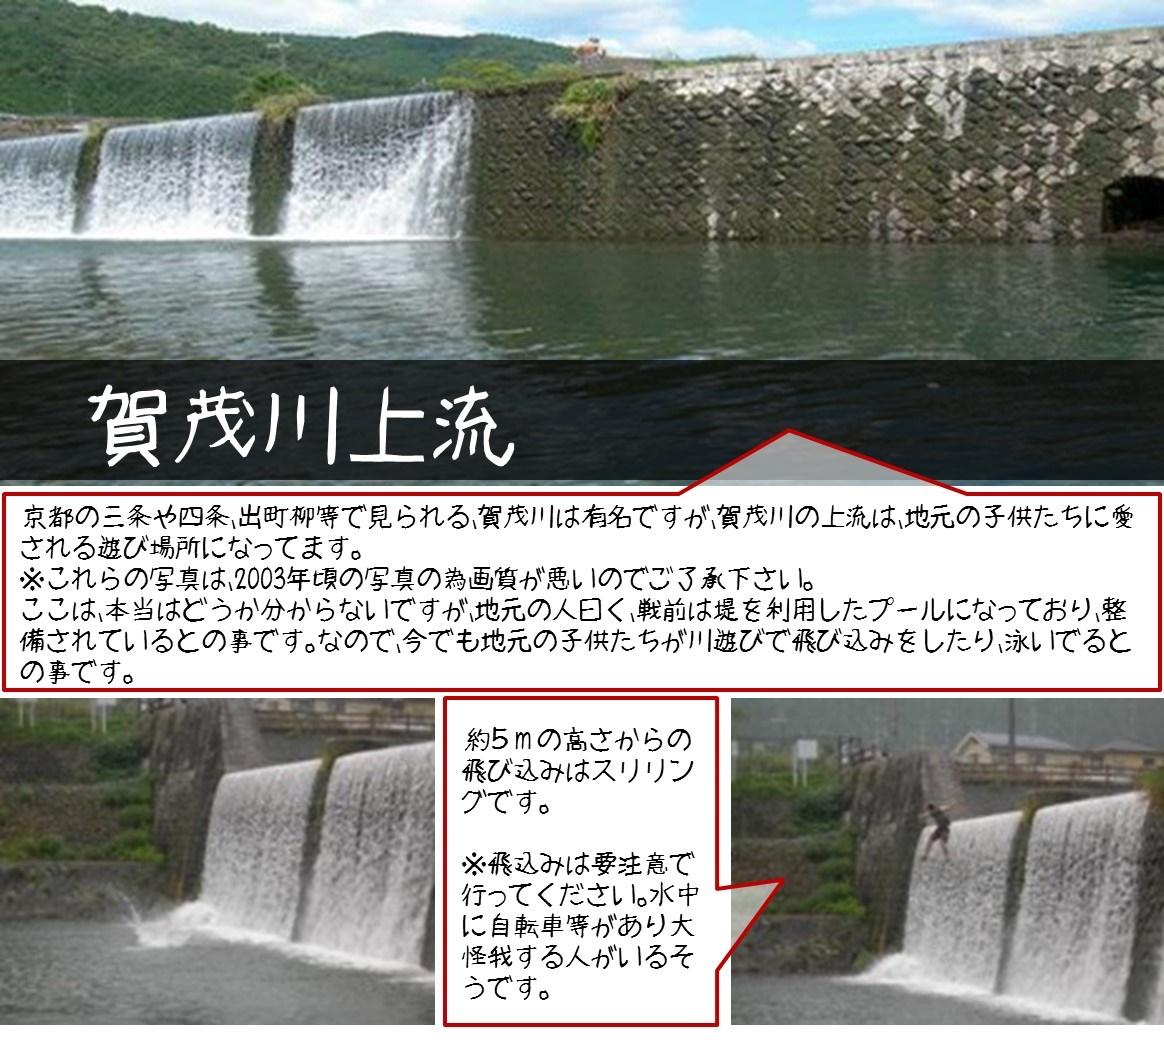 京都の三条や四条、出町柳等で見られる、賀茂川は有名ですが、賀茂川の上流は、地元の子供たちに愛される遊び場所になってます。    ※これらの写真は、2003年頃の写真の為画質が悪いのでご了承下さい。 ここは、本当はどうか分からないですが、地元の人曰く、戦前は堤を利用したプールになっており、整備されているとの事です。 なので、今でも地元の子供たちが川遊びで飛び込みをしたり、泳いでるとの事です。